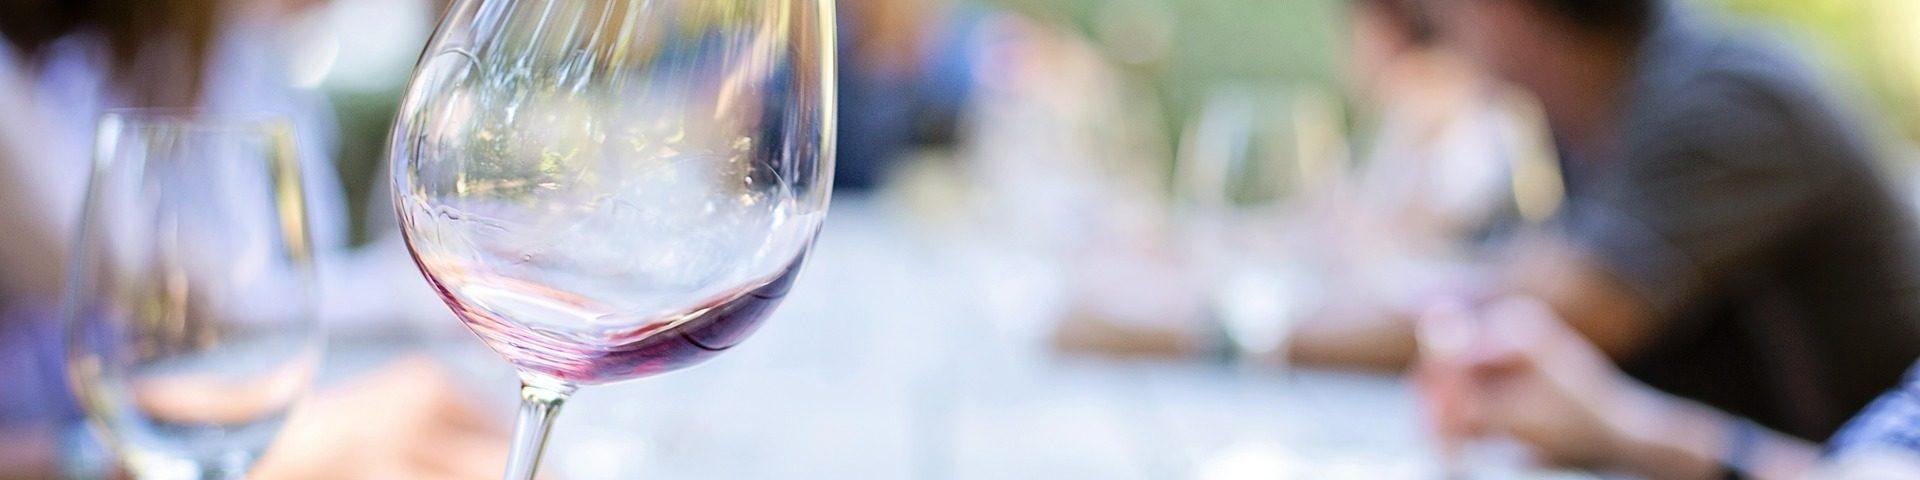 wineglass 553467 1920 1920x480 - Szkoła Sommelierów - Kurs wiedzy o winie